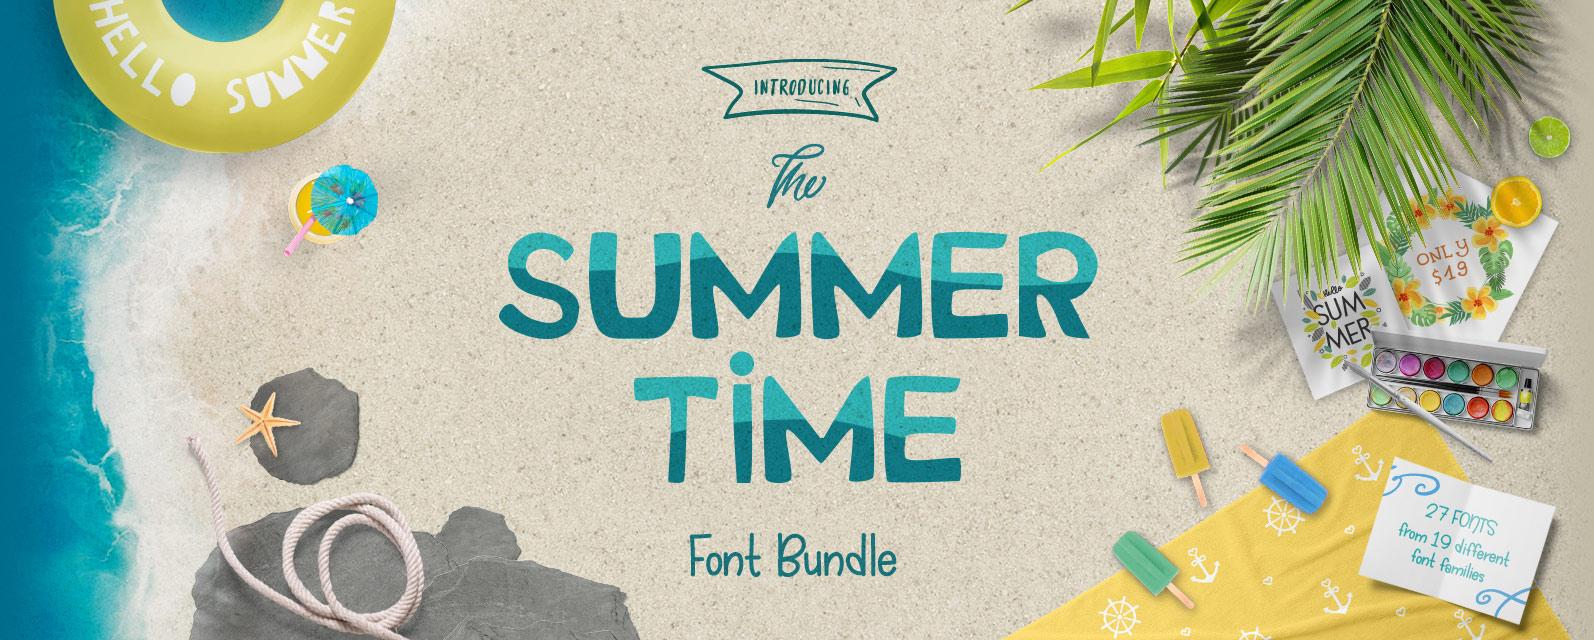 Summer Time Font Bundle